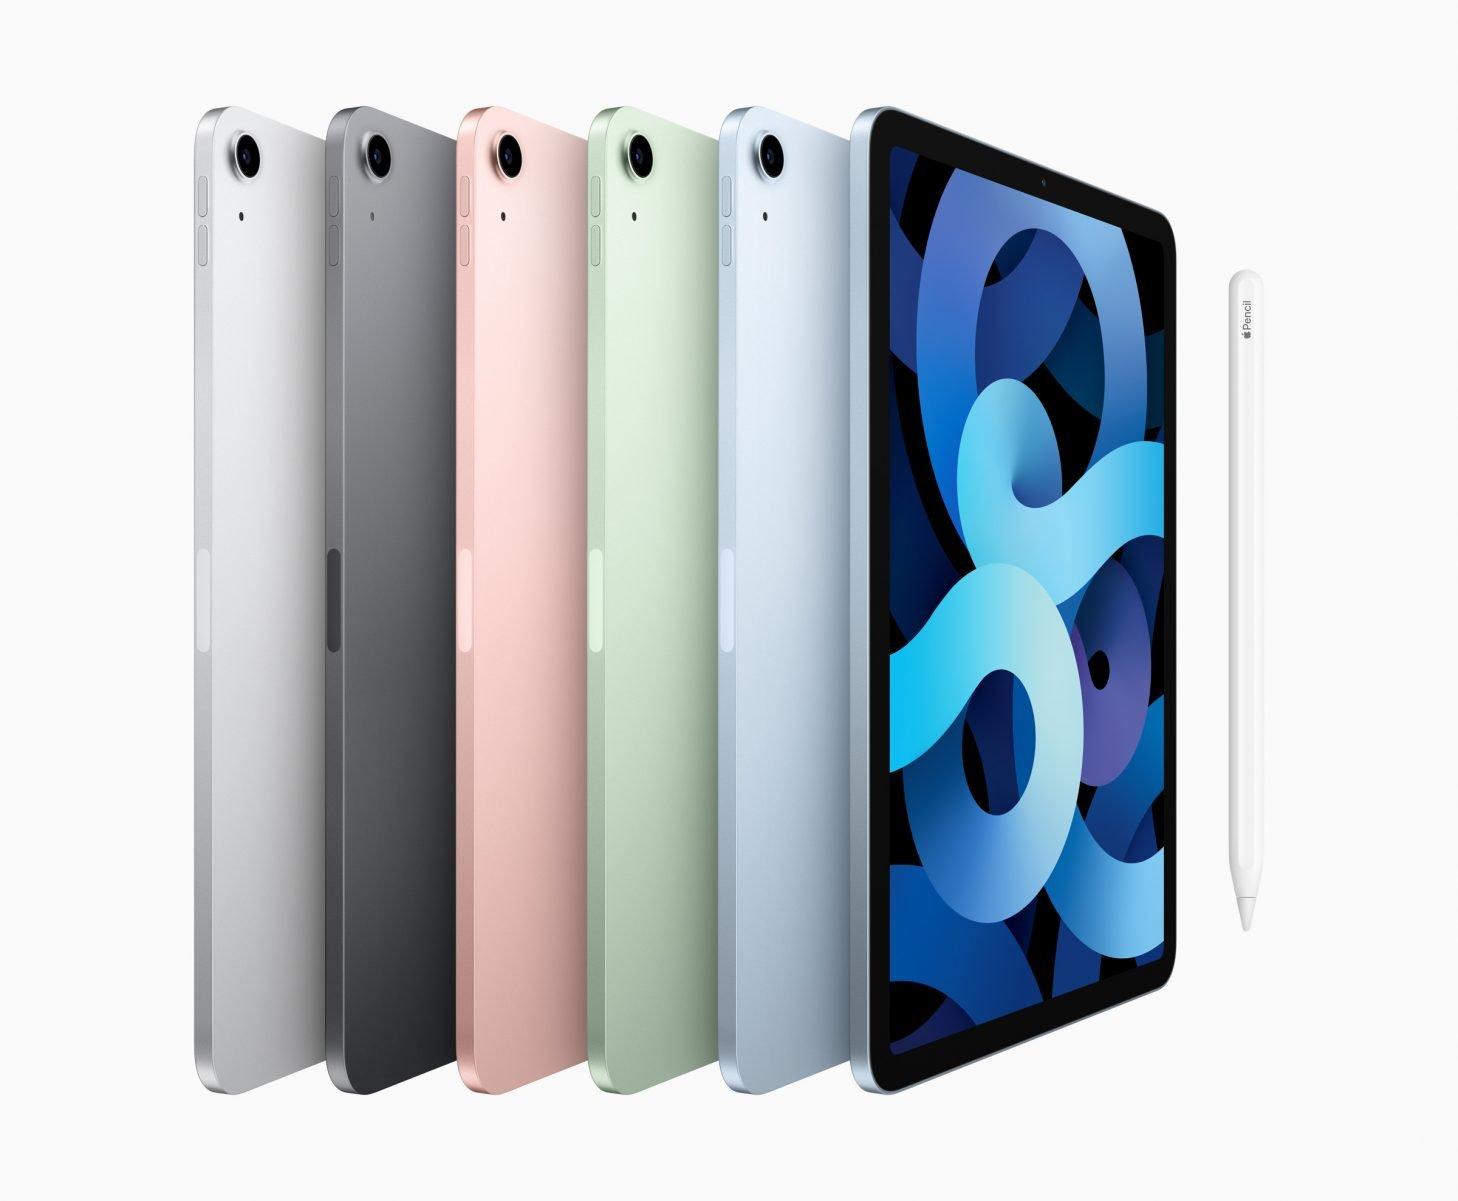 apple ipad air availability colors 10162020